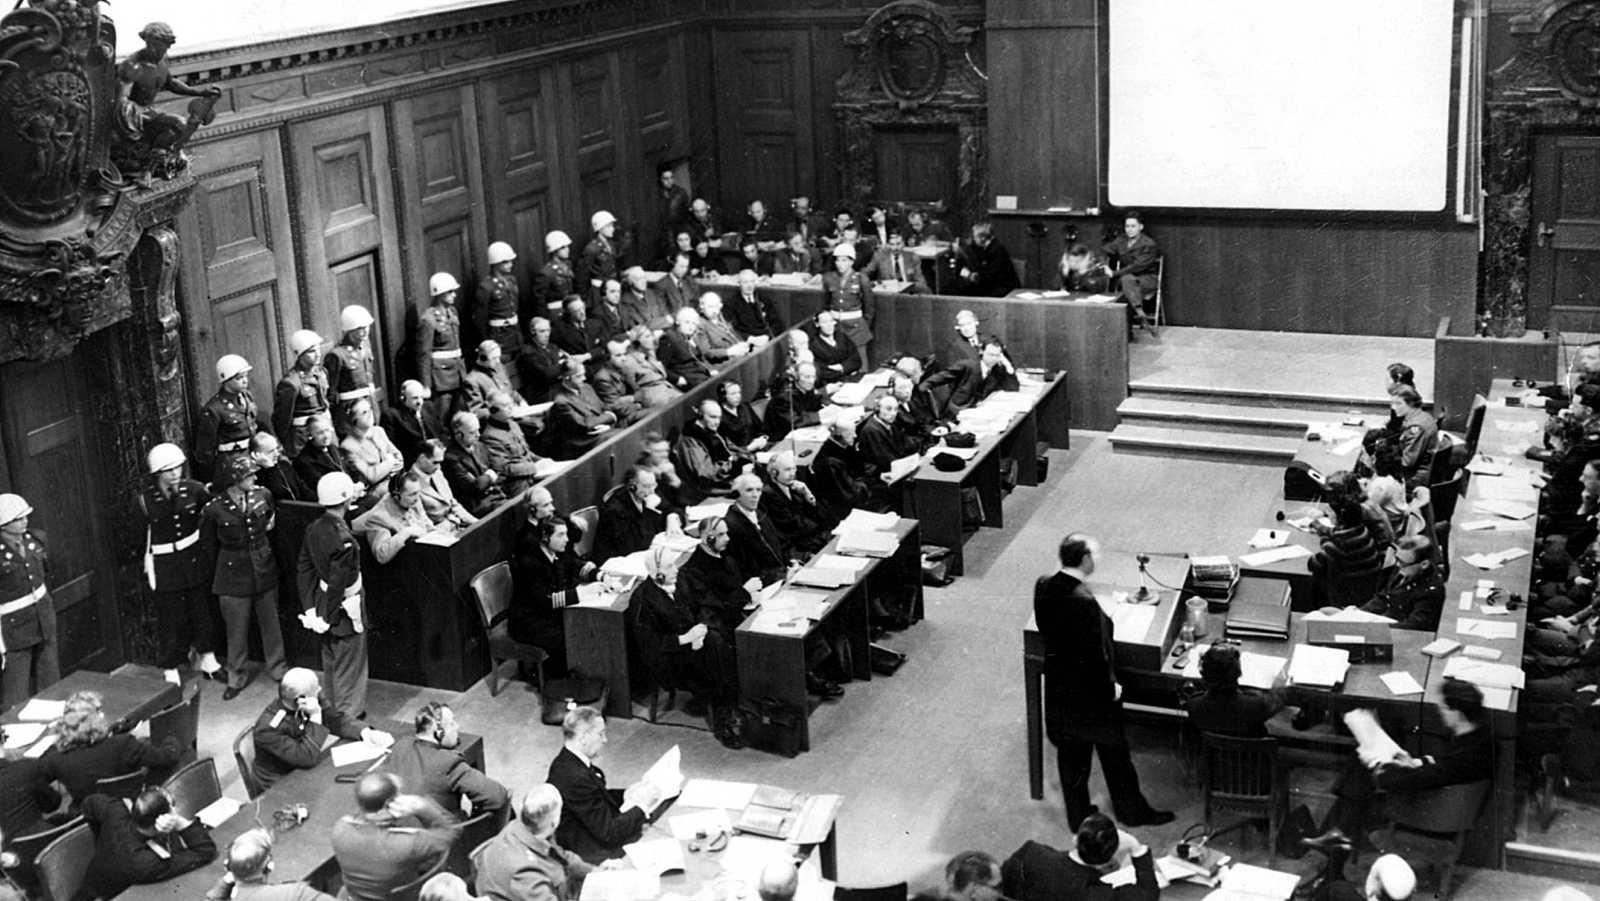 14 horas - Se cumplen 75 años de los juicios de Nuremberg en Alemania - Escuchar ahora